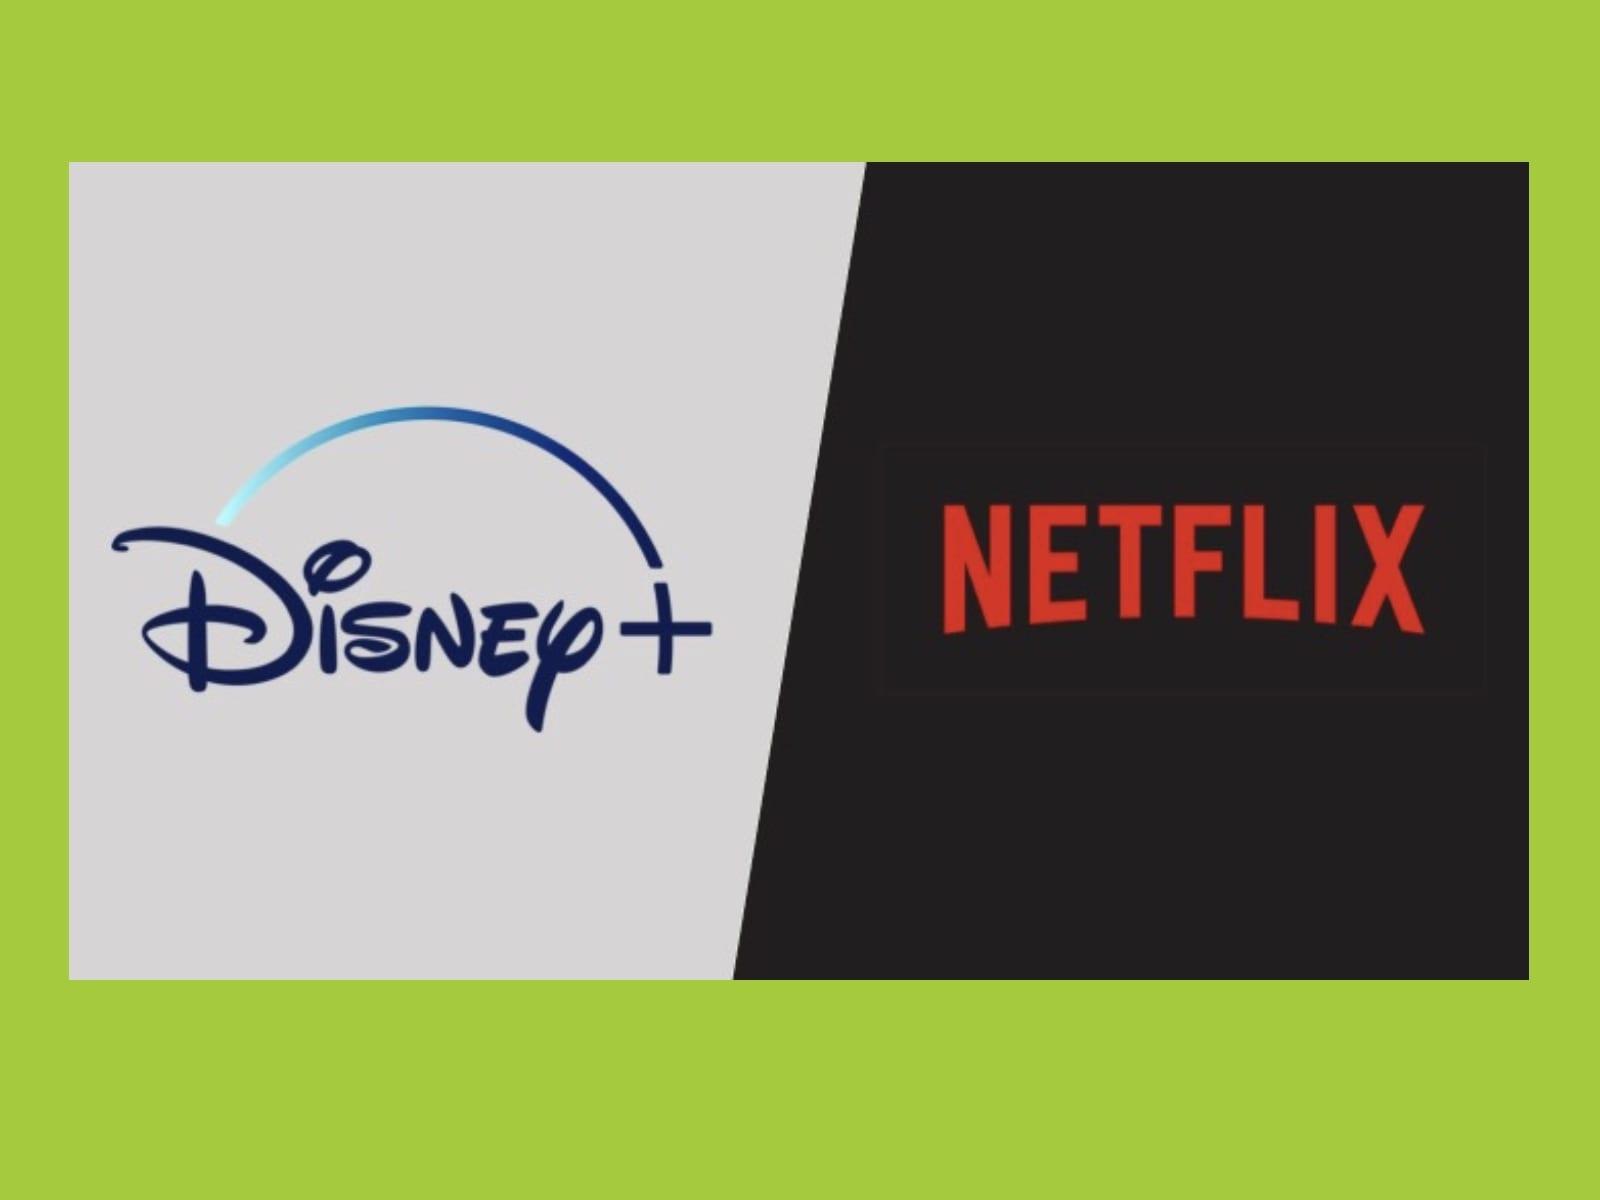 Disney Plus Netflix 12-4-19